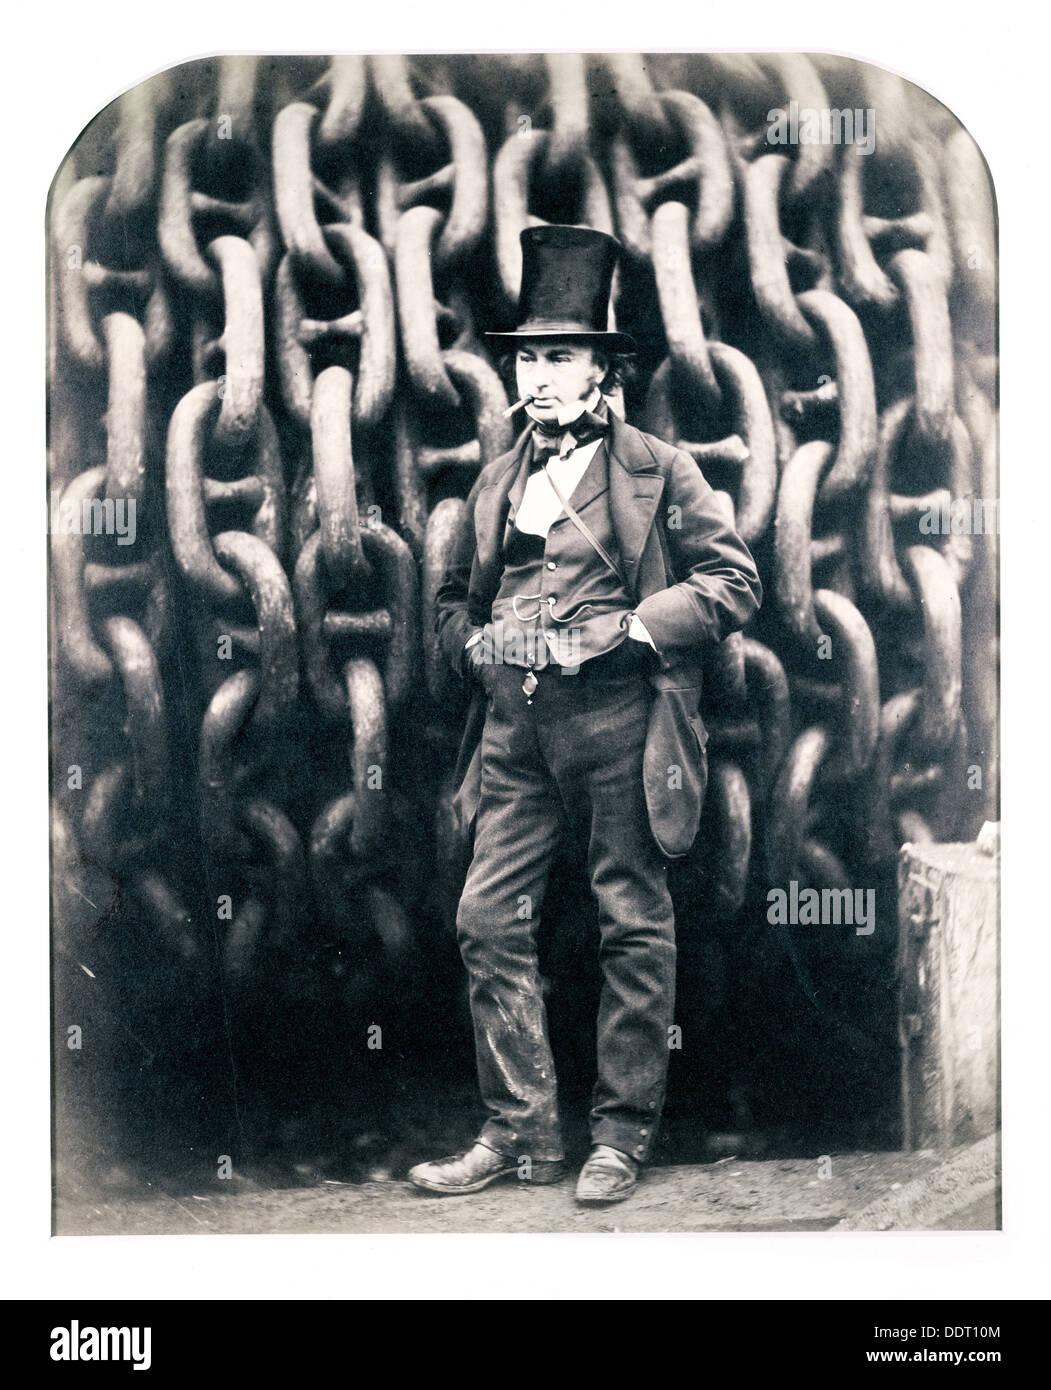 Isambard Kingdom Brunel, British engineer, 1857. Artist: Robert Howlett - Stock Image